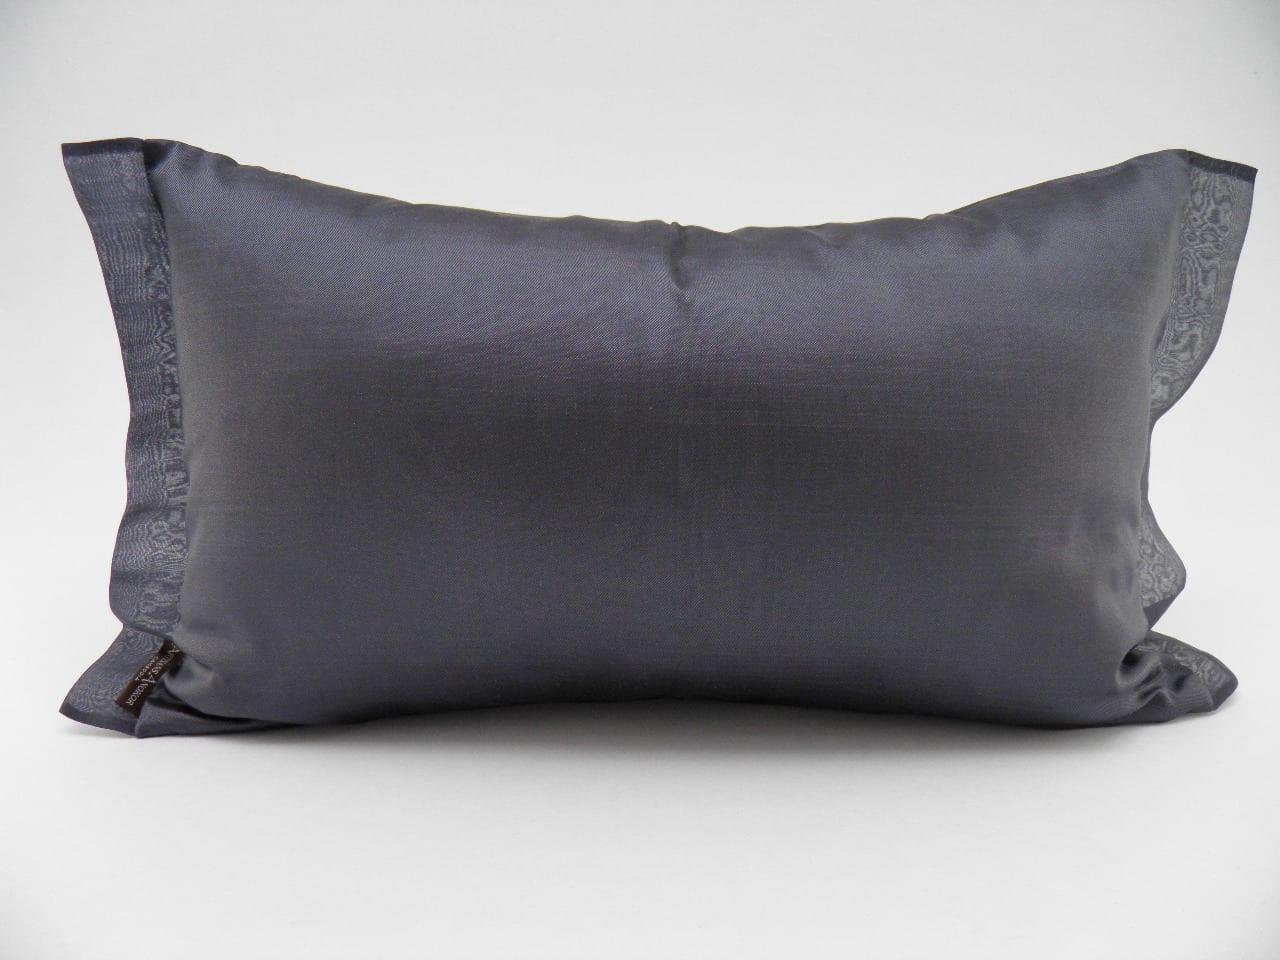 Coussin Organza - Gris foncé - 45x27cm